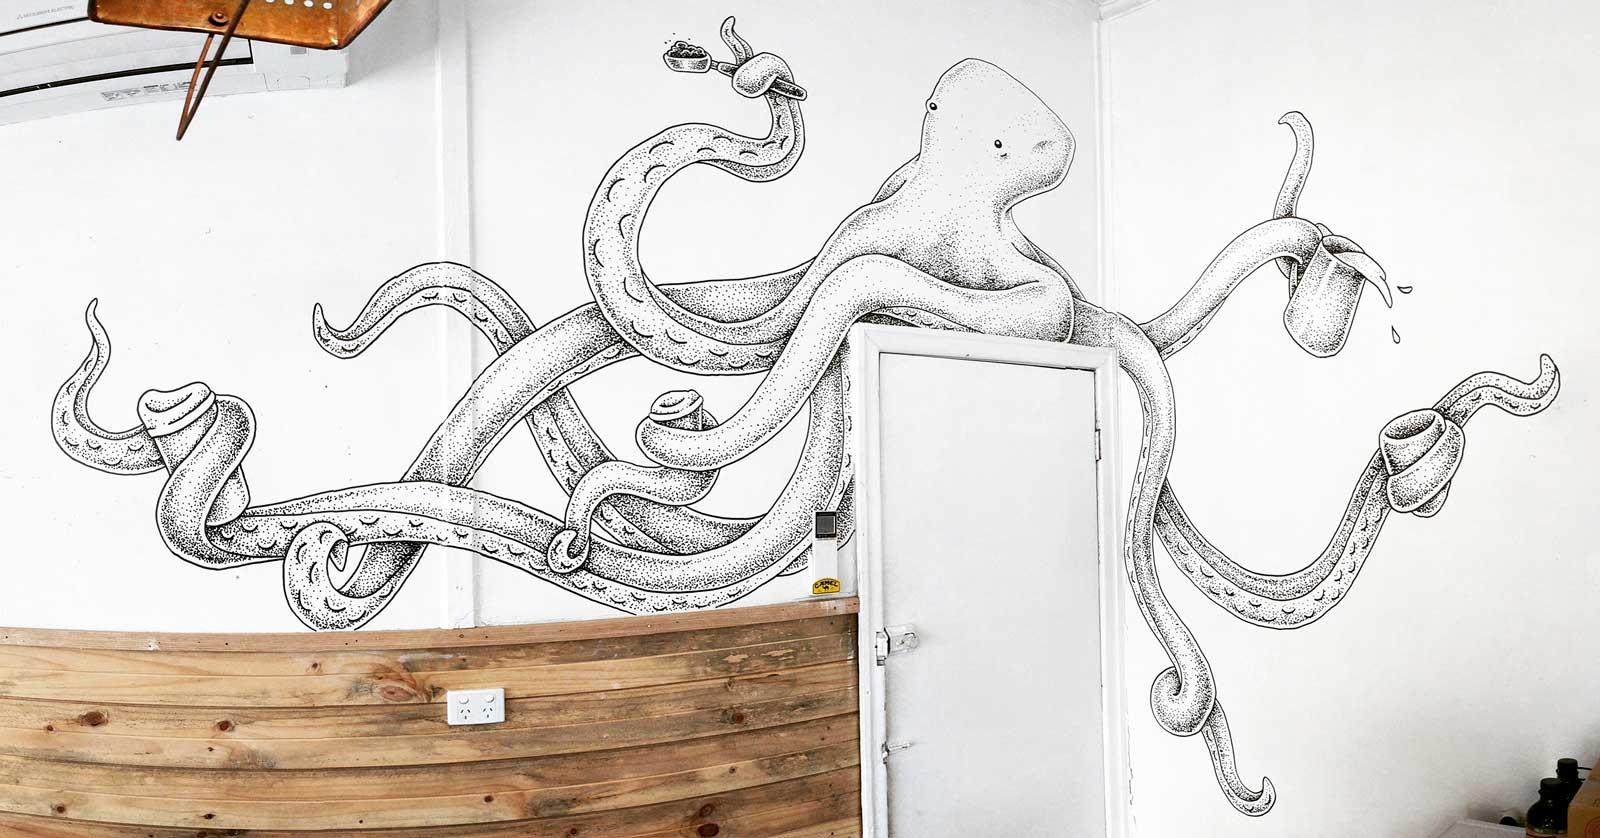 Get-Naked-Octopus-David-Snowden-Bendigo-illustration-mural.jpg